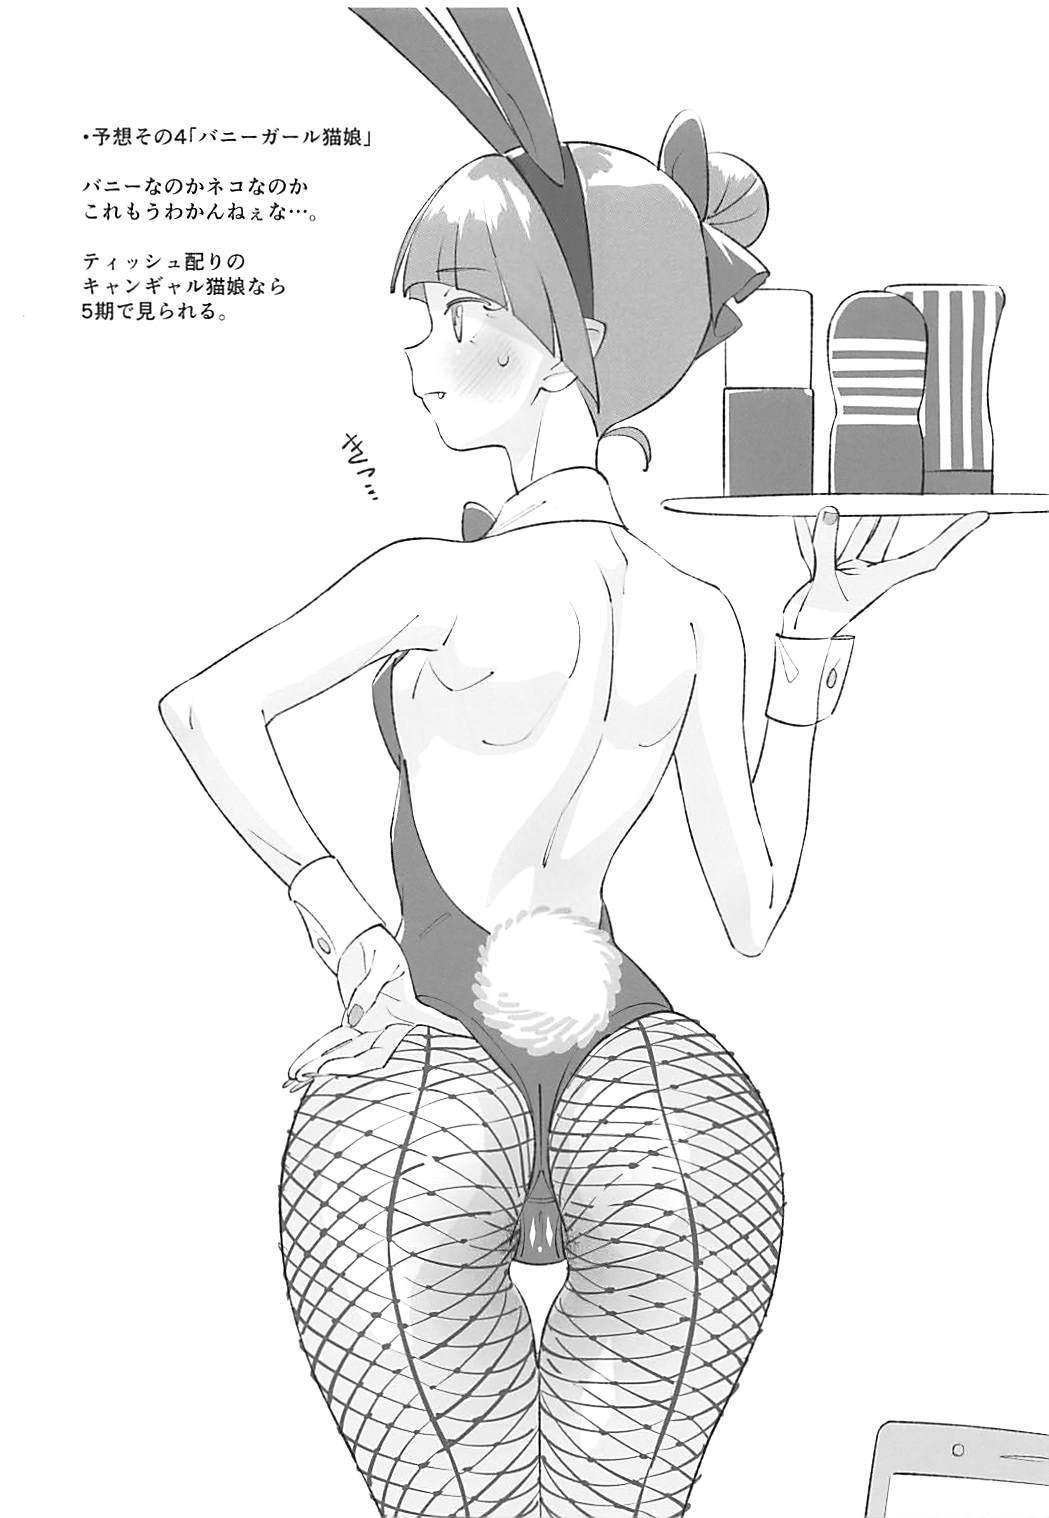 Kyoui Tekichuuritsu 0%!? NEKO Musume no Cosplay o Yosou Suru Hon.... 4